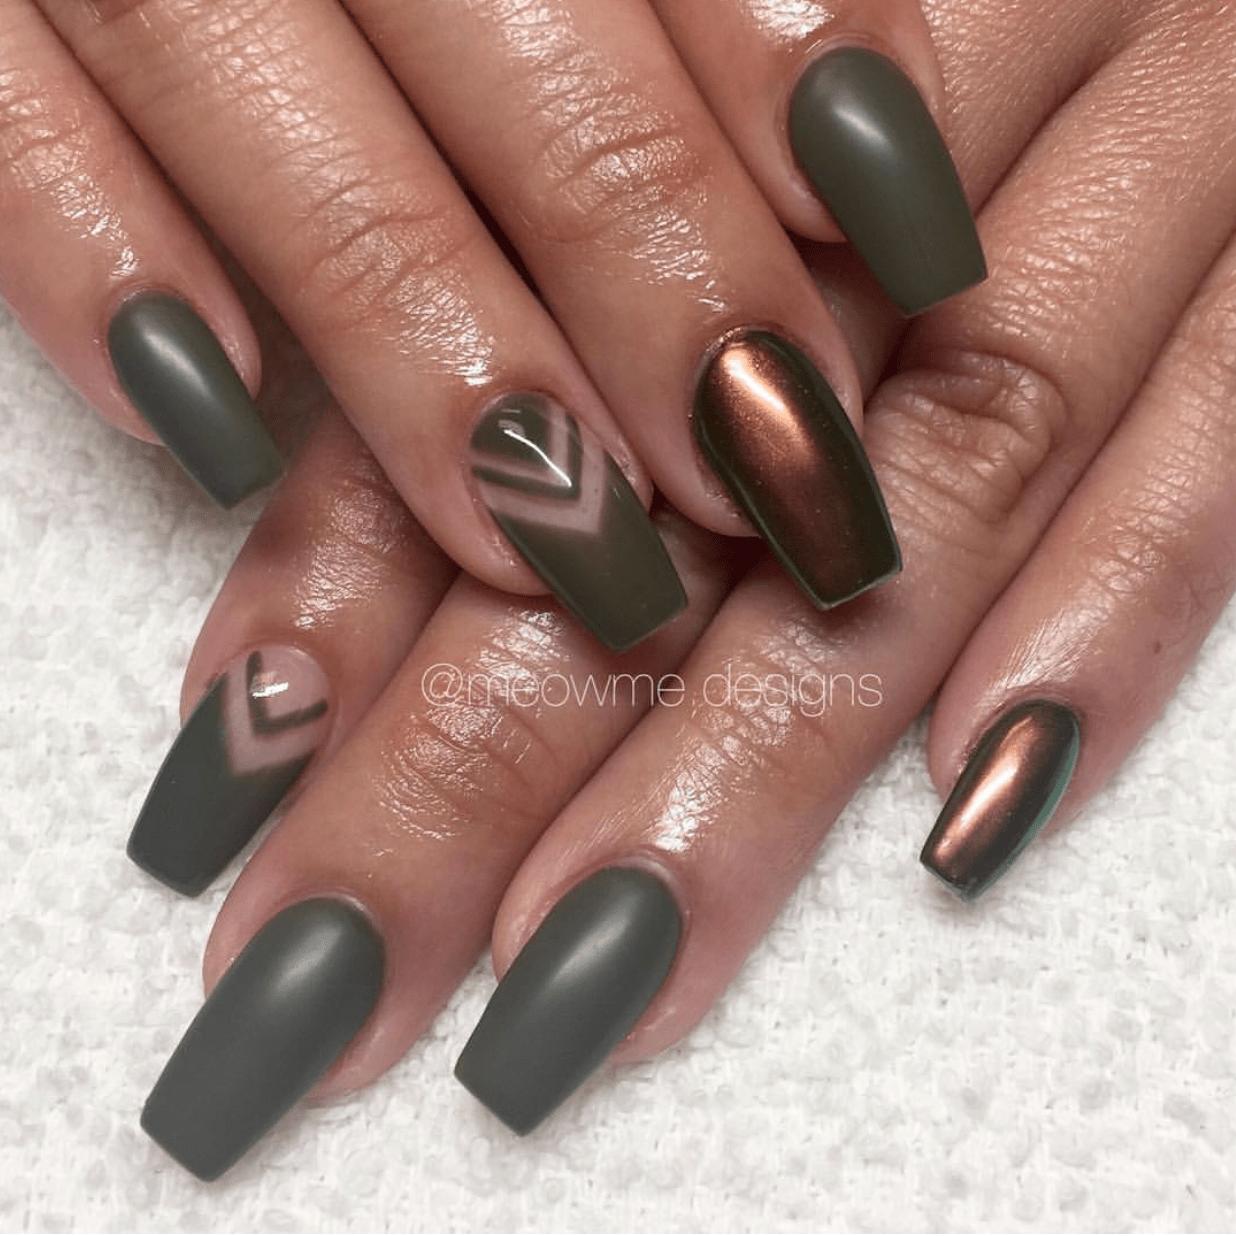 Camouflage Nail Designs 5 - 31 Camouflage Nail Designs Nail Art Pinterest Nails, Nail